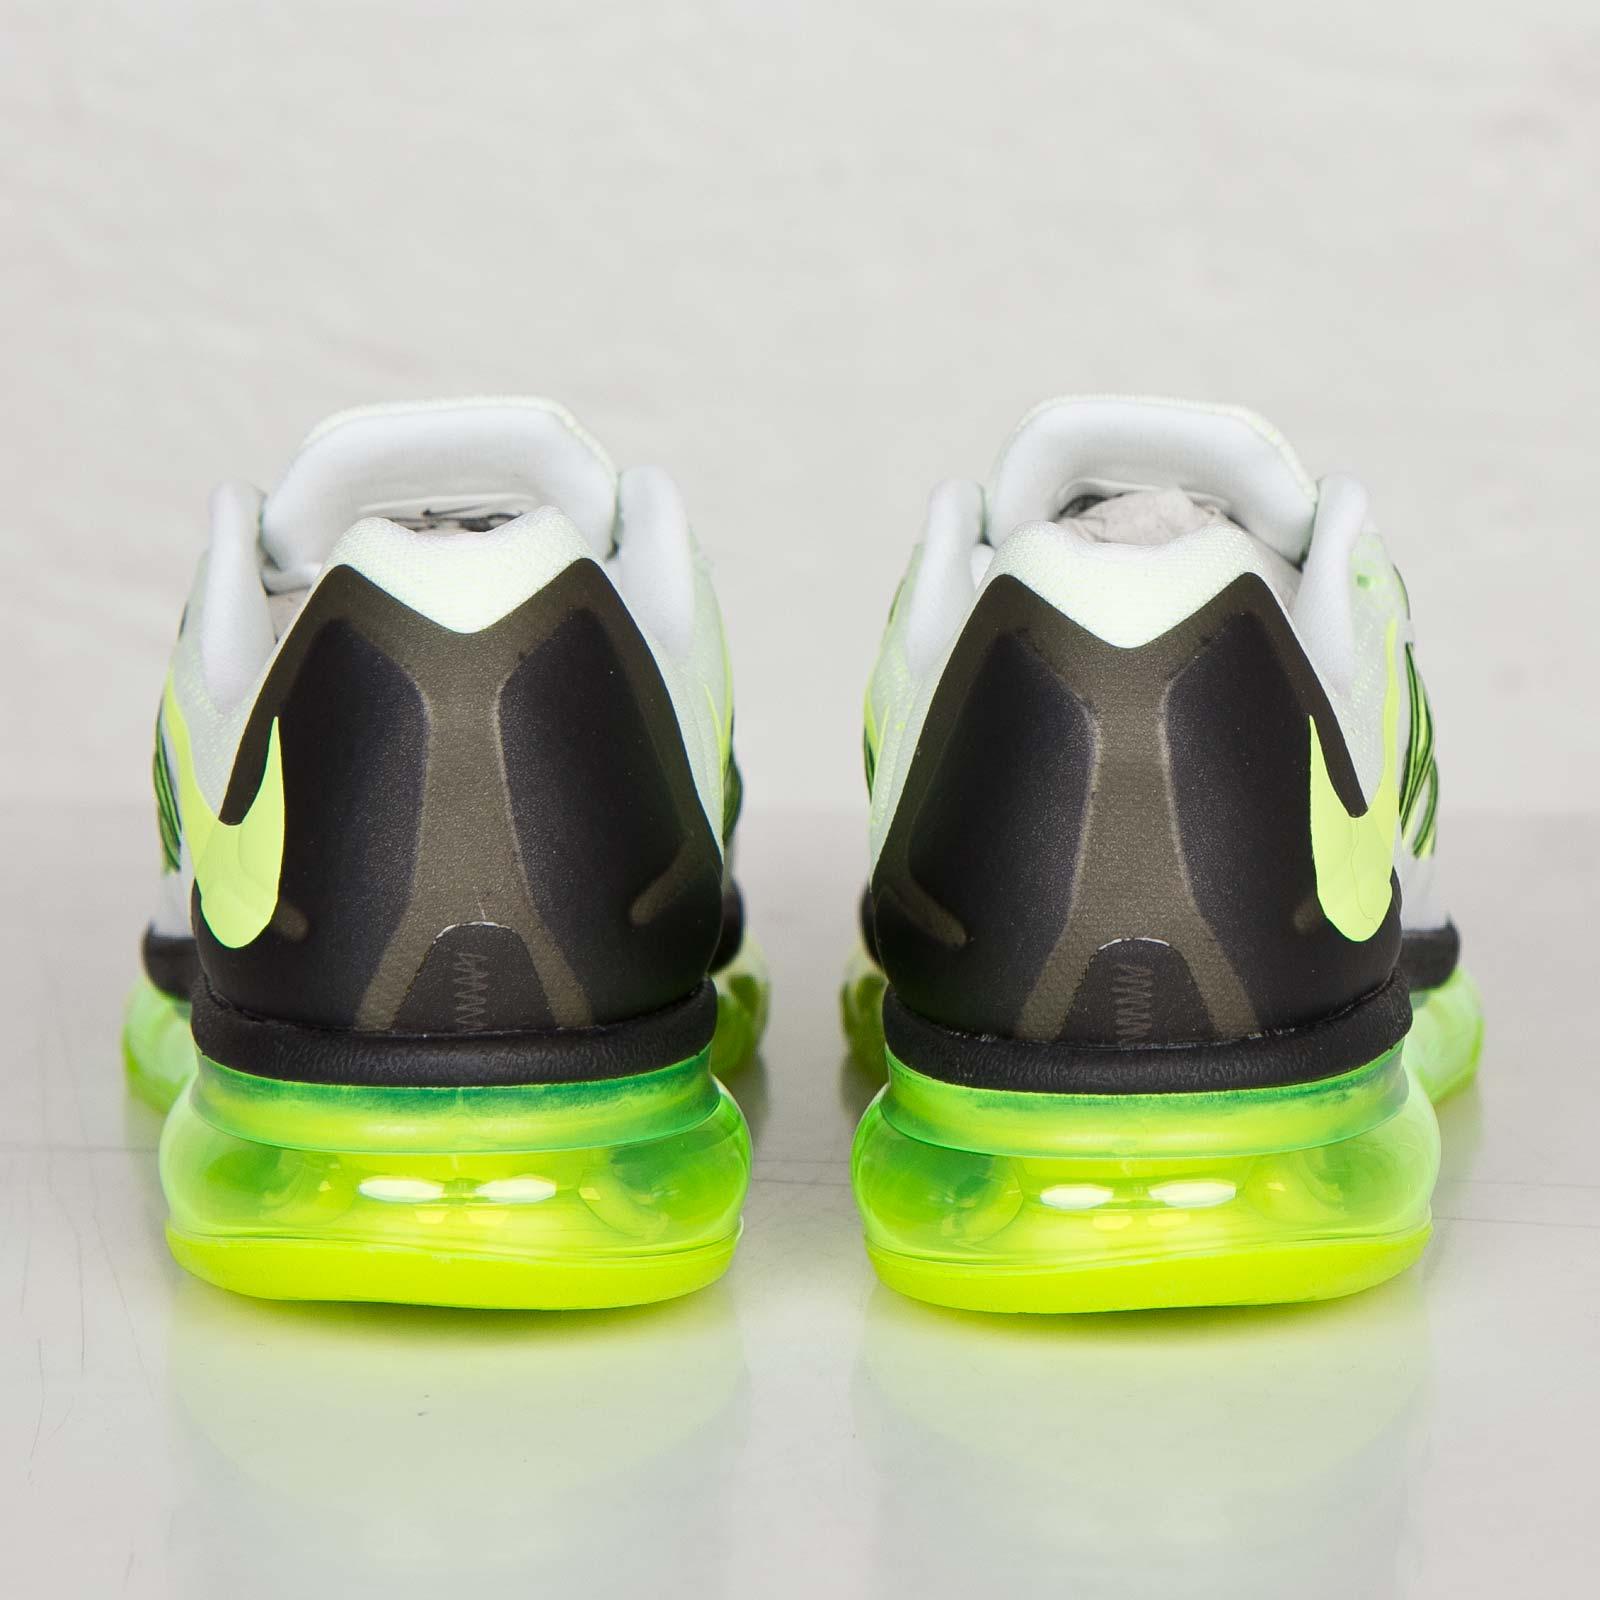 Nike Air Max 2015 698902 107 Sneakersnstuff | sneakers